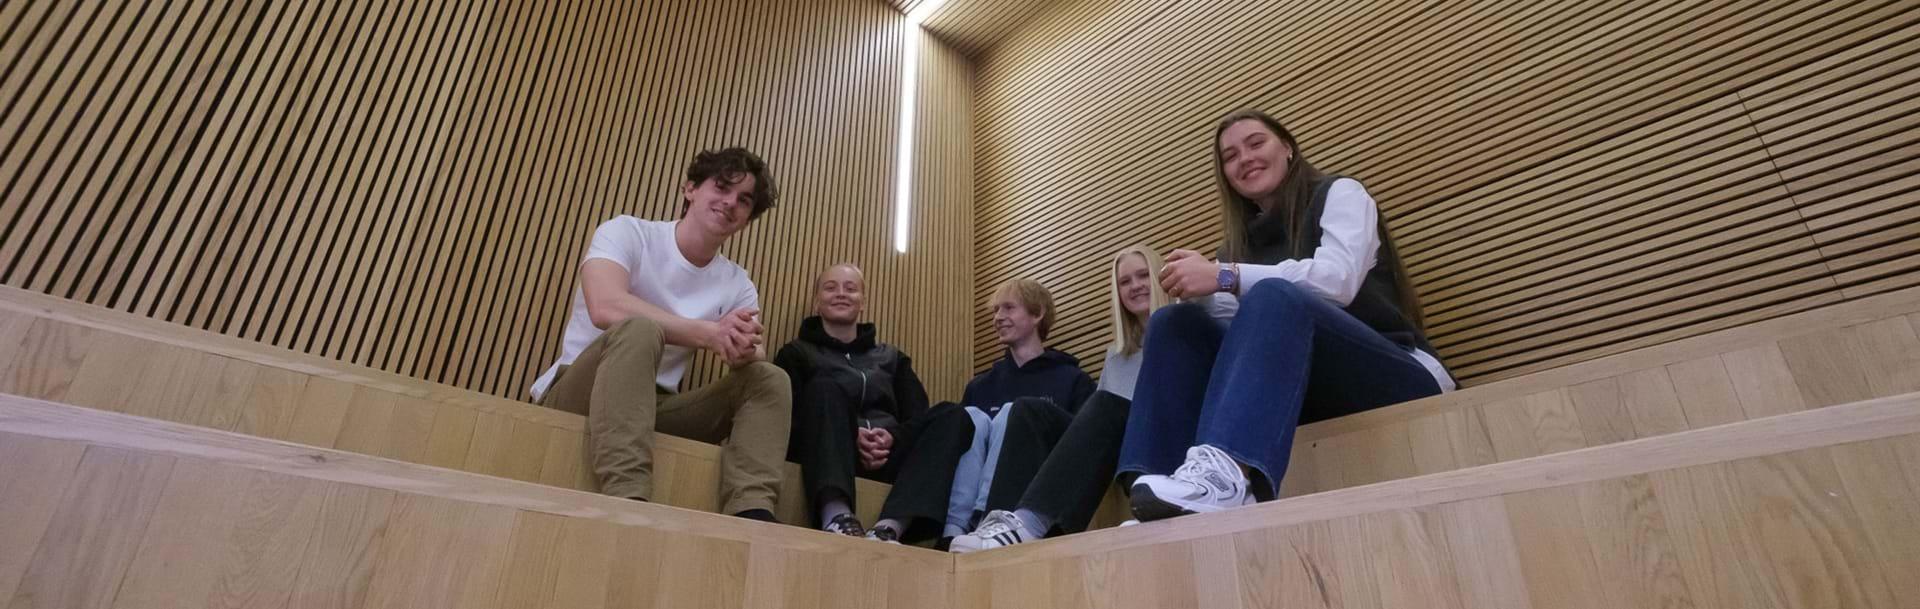 Fem elever sidder på indendørs trappe